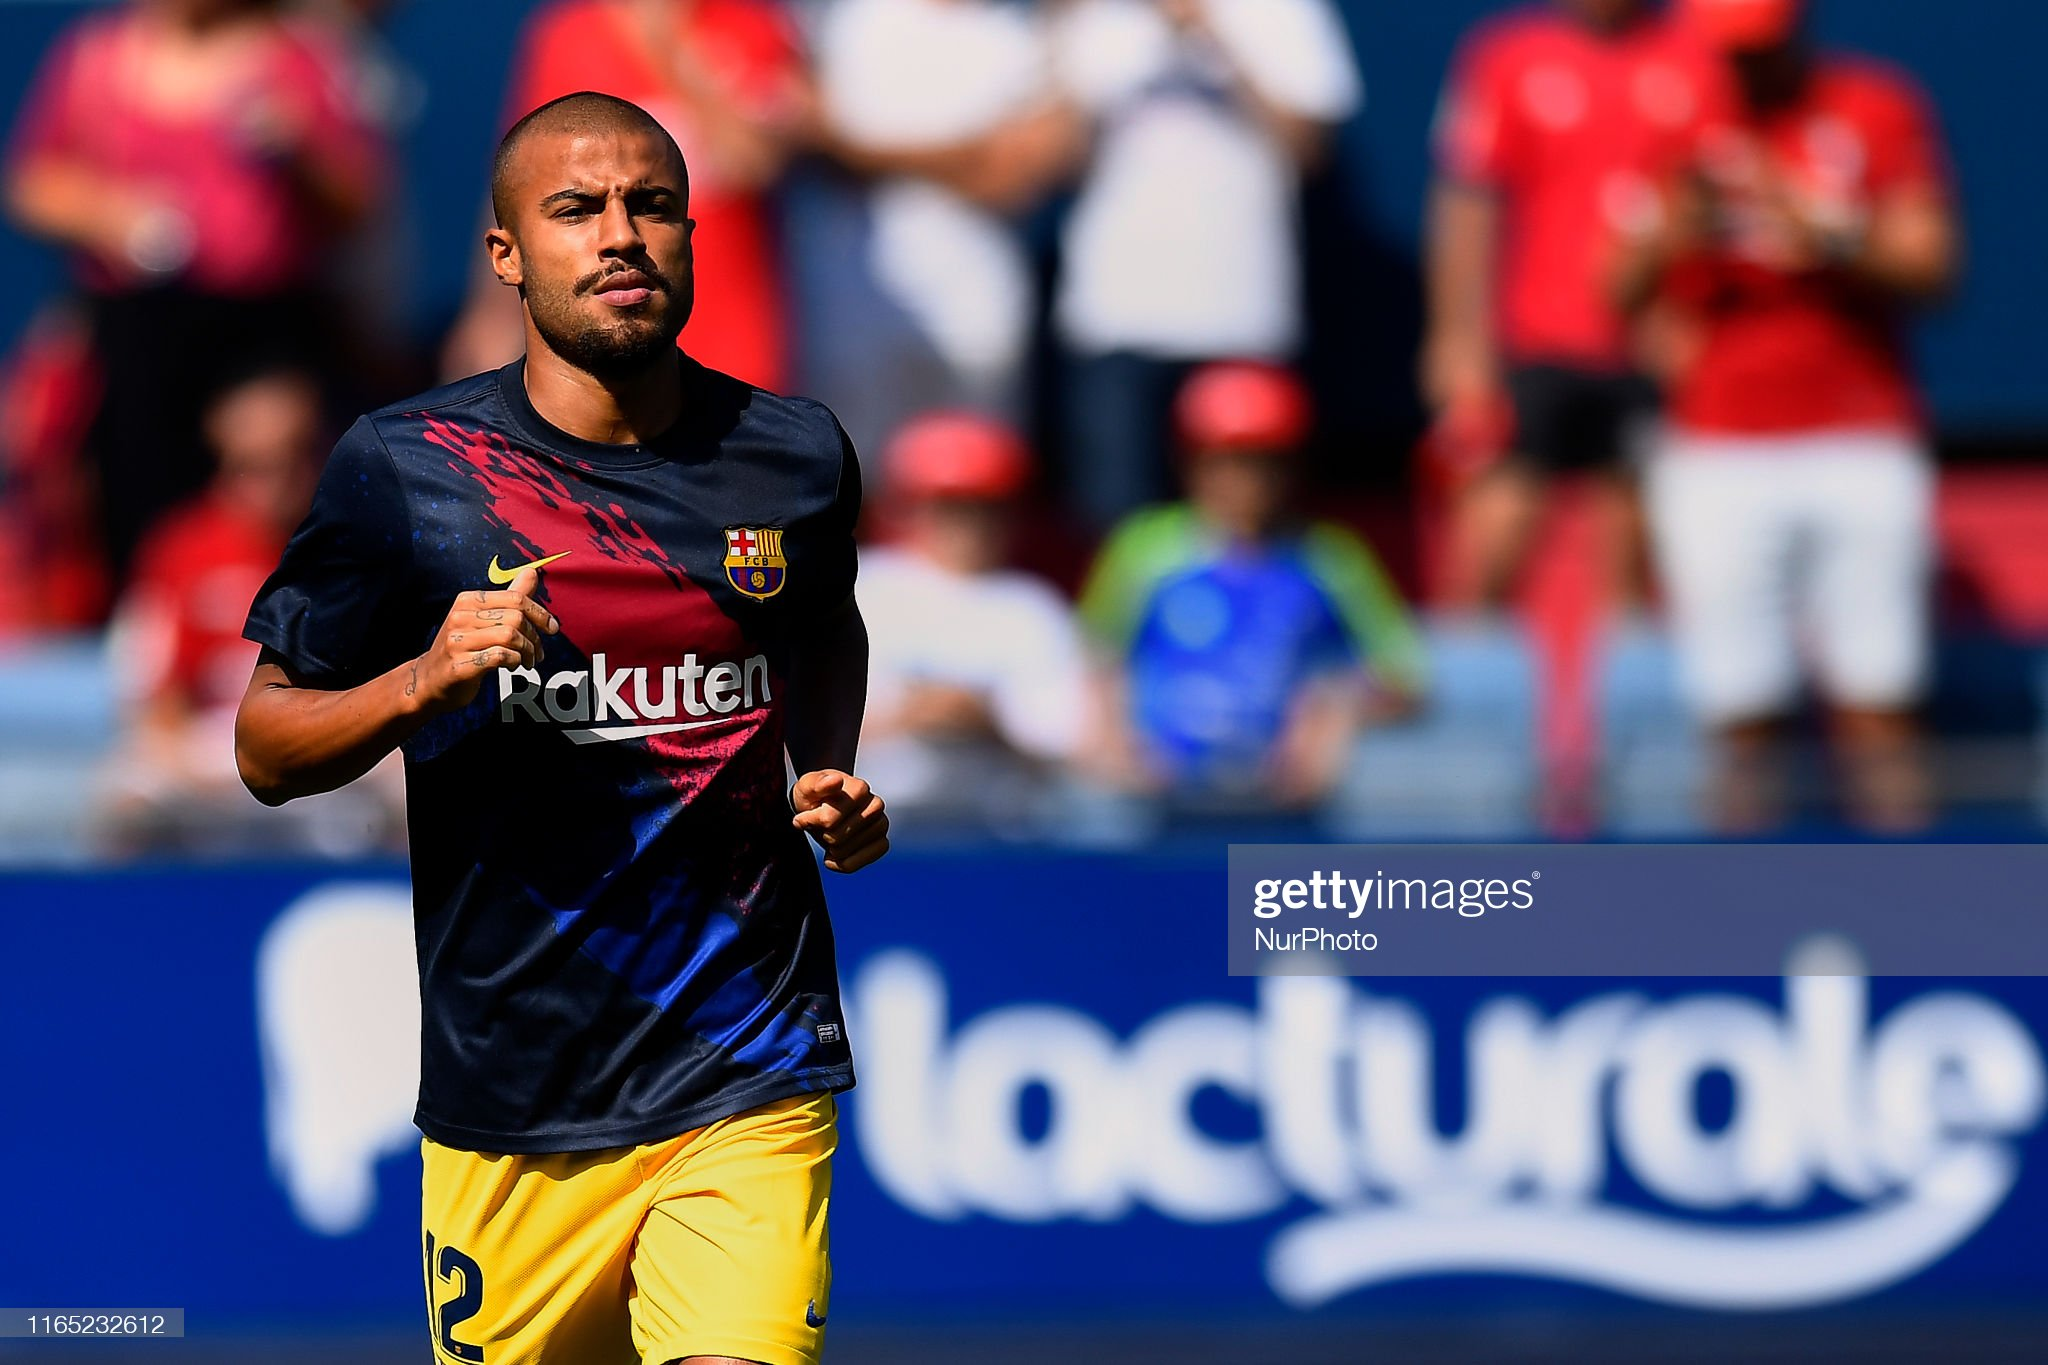 صور مباراة : أوساسونا - برشلونة 2-2 ( 31-08-2019 )  Rafinha-of-barcelona-during-the-warmup-before-the-liga-match-between-picture-id1165232612?s=2048x2048